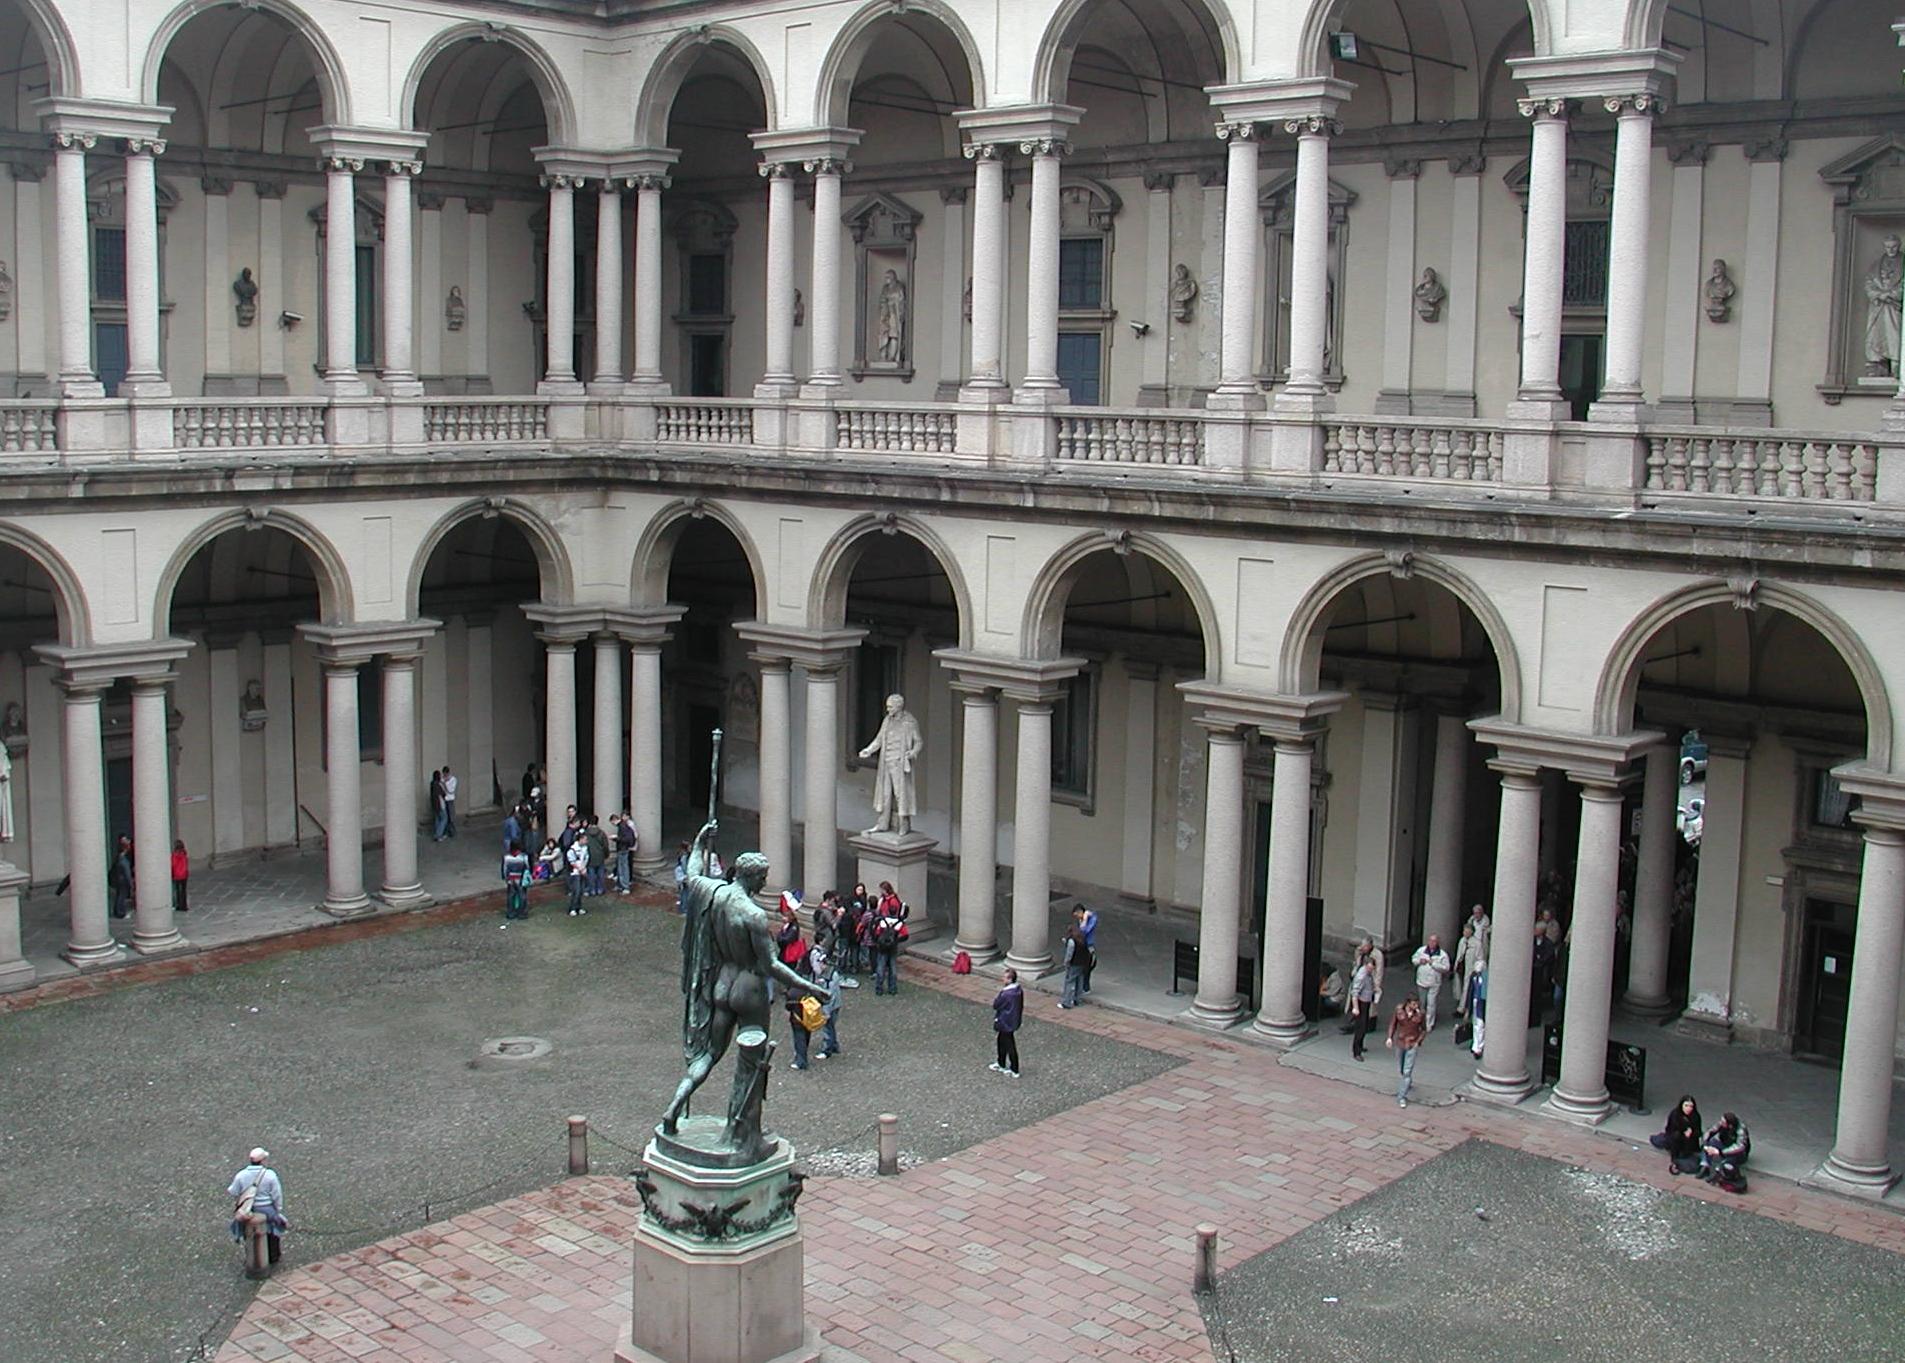 Milano brera cortile